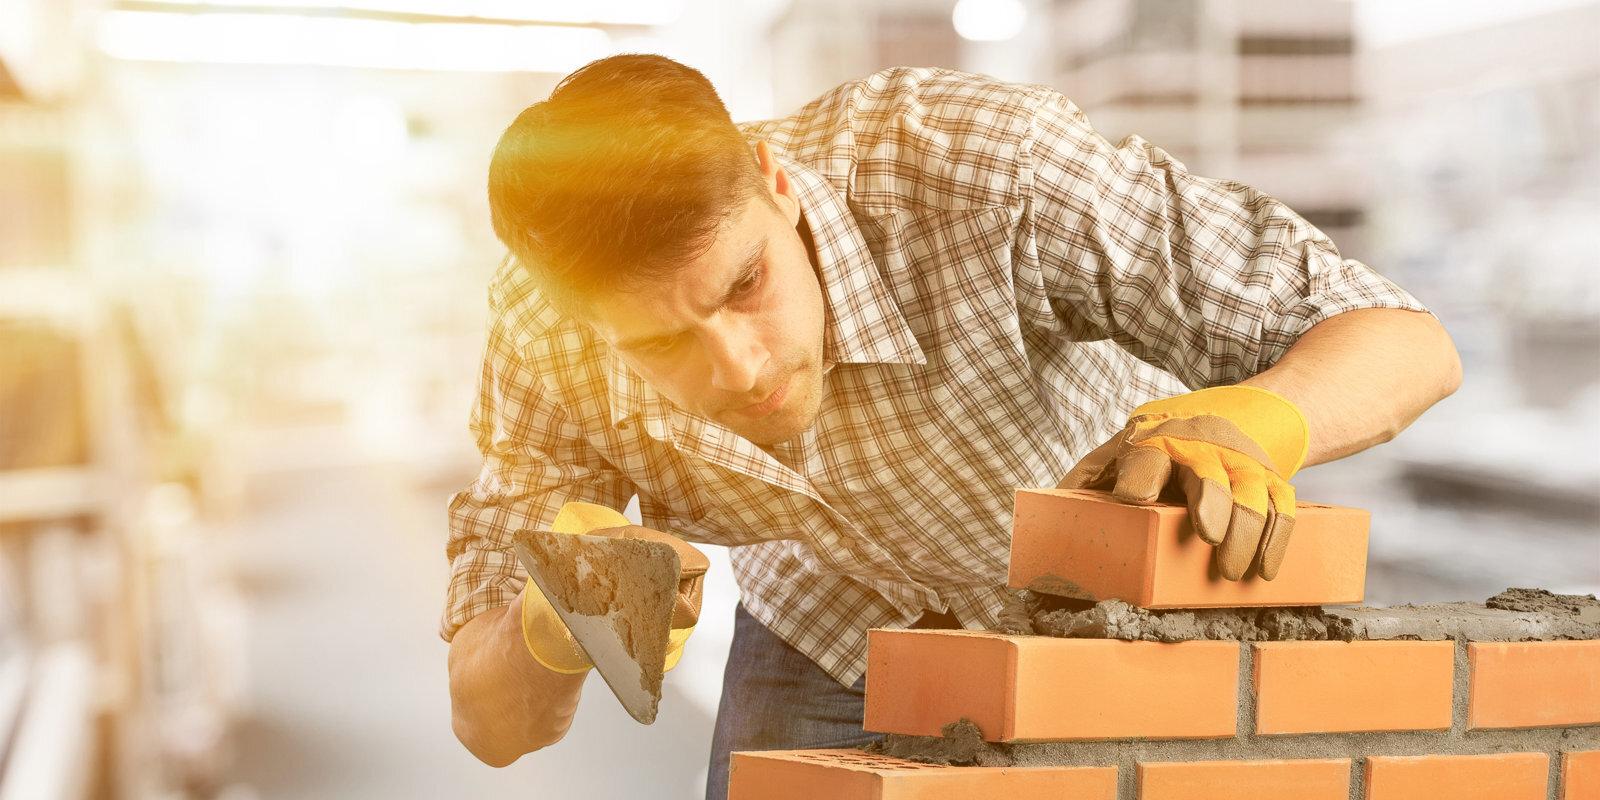 Не построил за восемь лет — плати налоги. Что делать, если строительство дома затянулось?